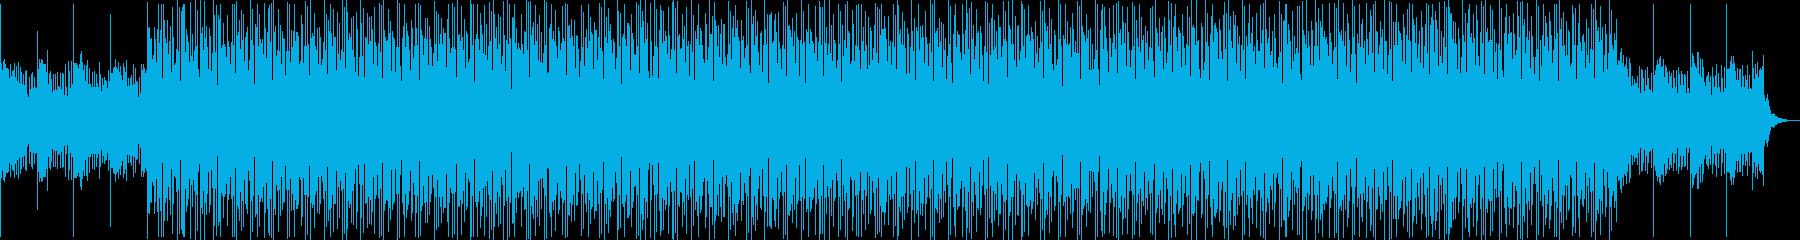 製品紹介、プレゼン、プロジェクトの再生済みの波形